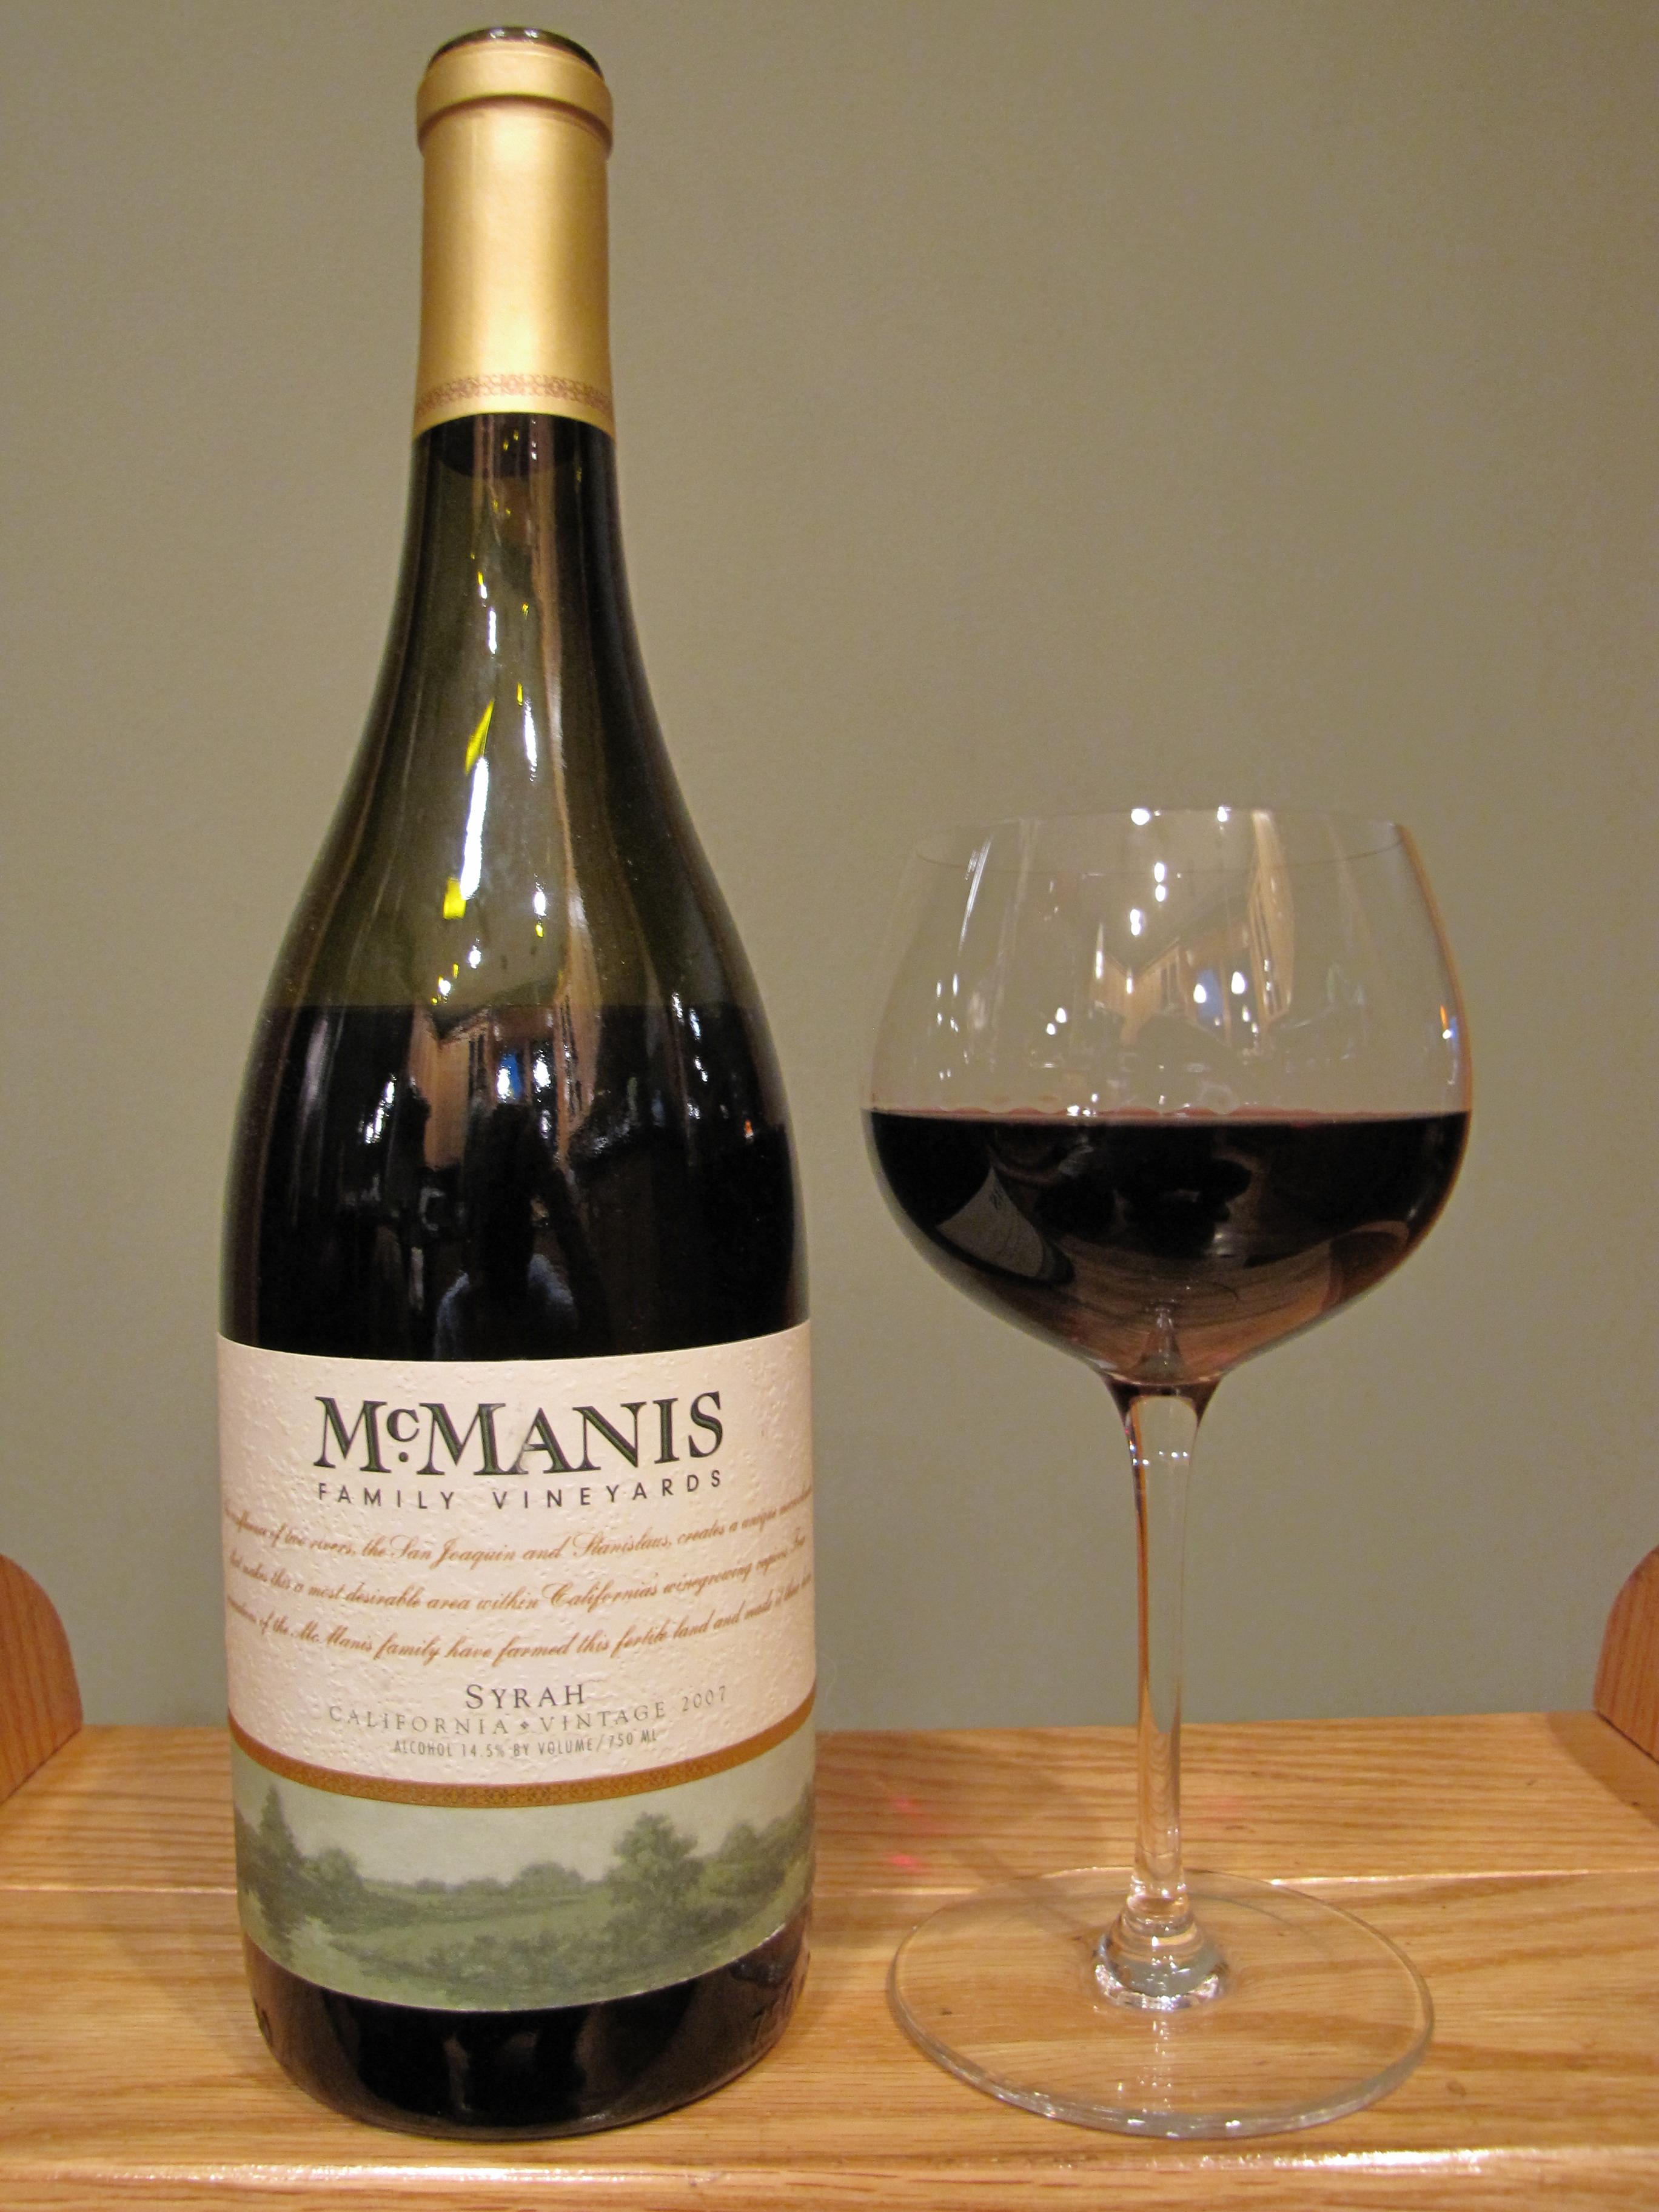 McManis Family Vineyards Syrah (2007)